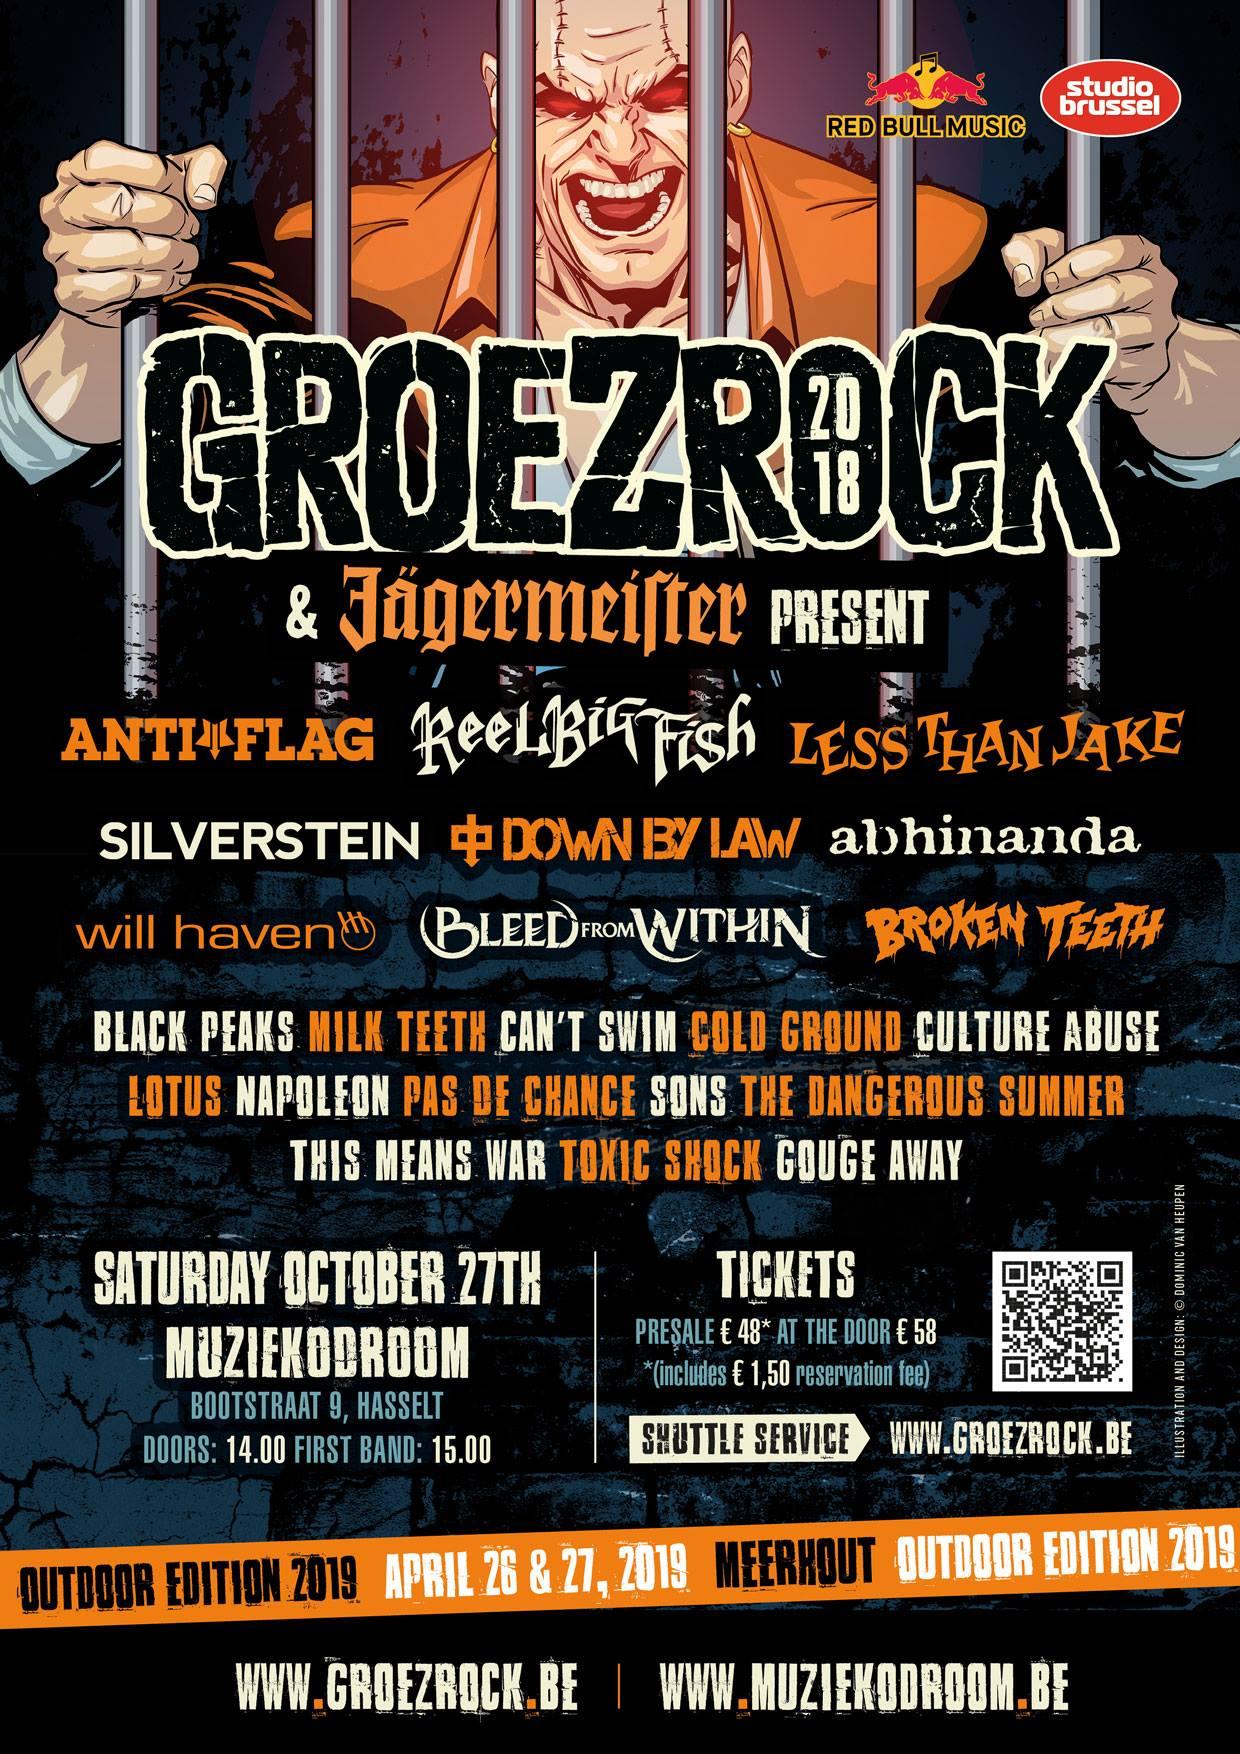 GROEZROCK 2018 Indoor-Festival